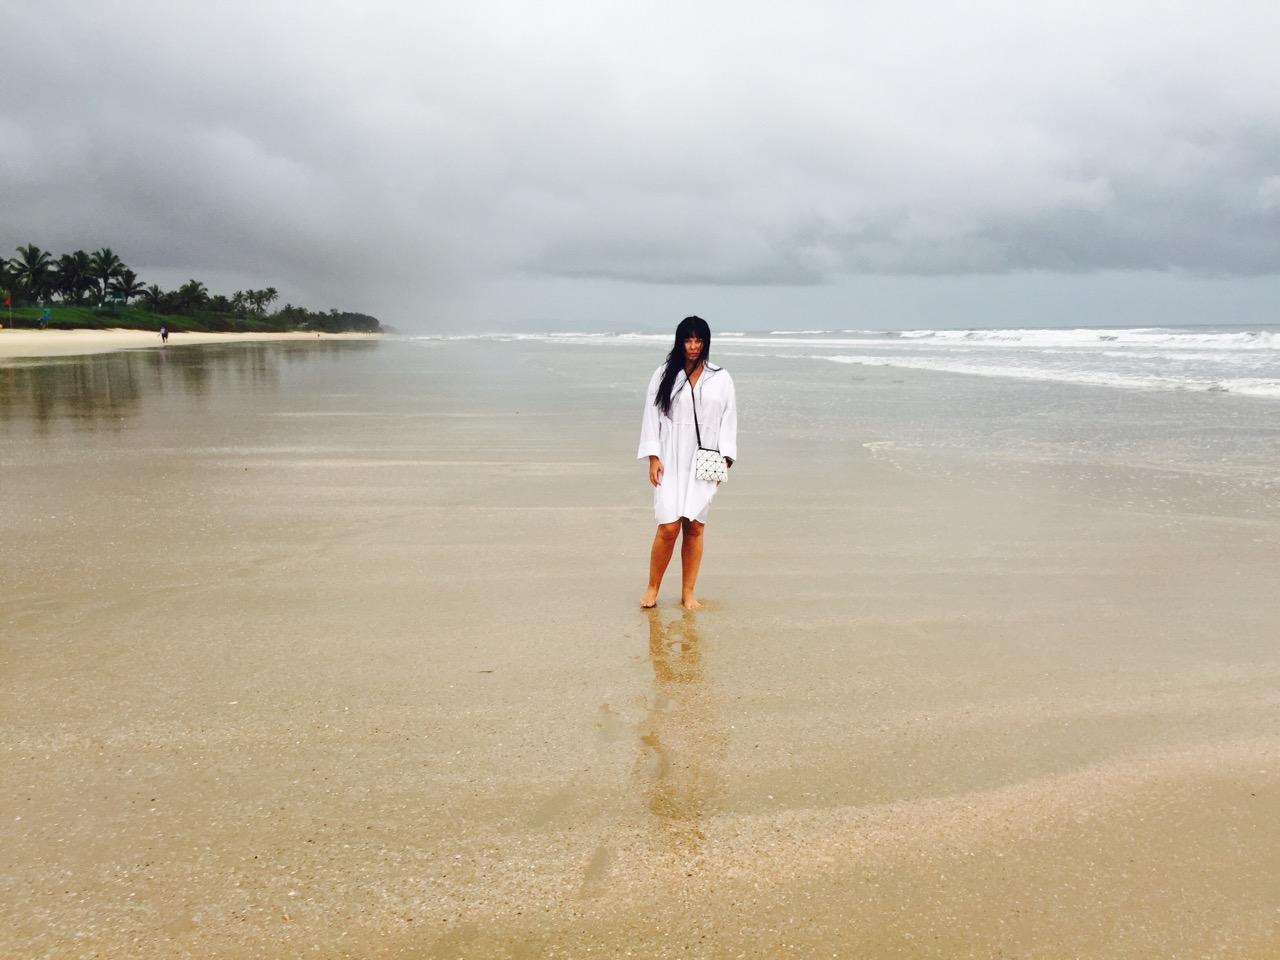 Ассия Ахат с семьей провела королевский отпуск в Индии